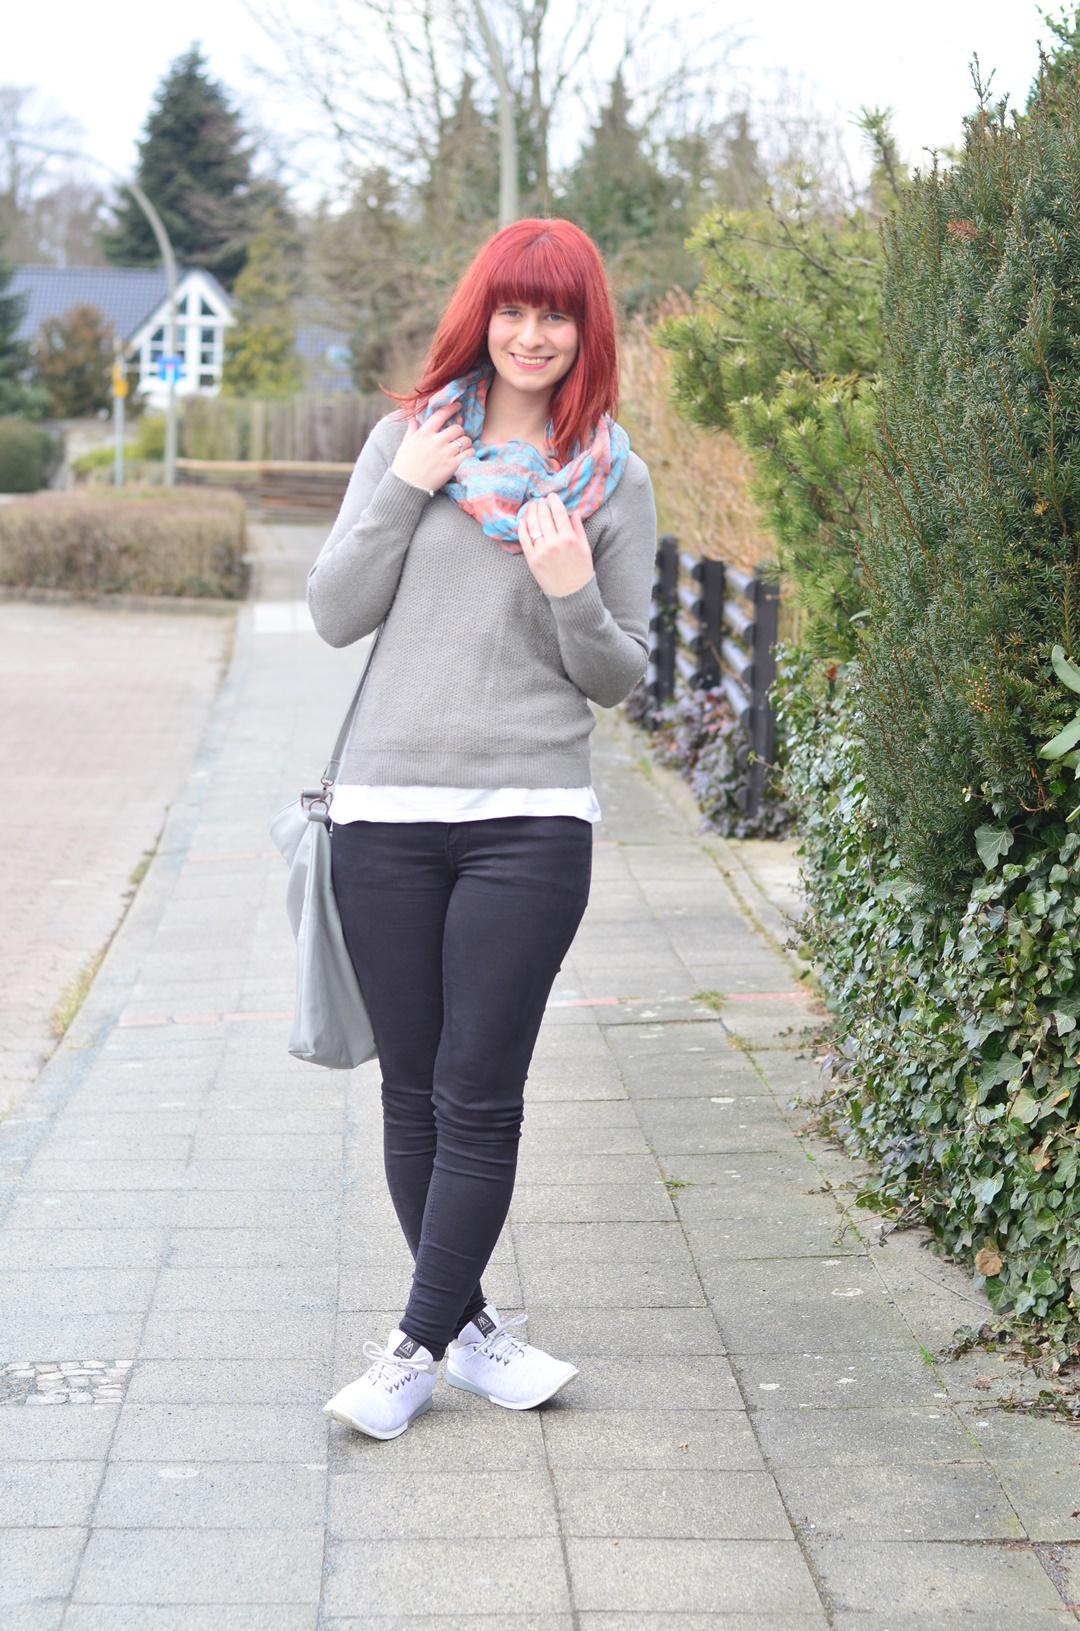 rote Haare_minimalistisches Outfit_Bench_schlichtes Outfit_Fair Fashion_Minimalismus_capsule wardrobe_Annanikabu (4)